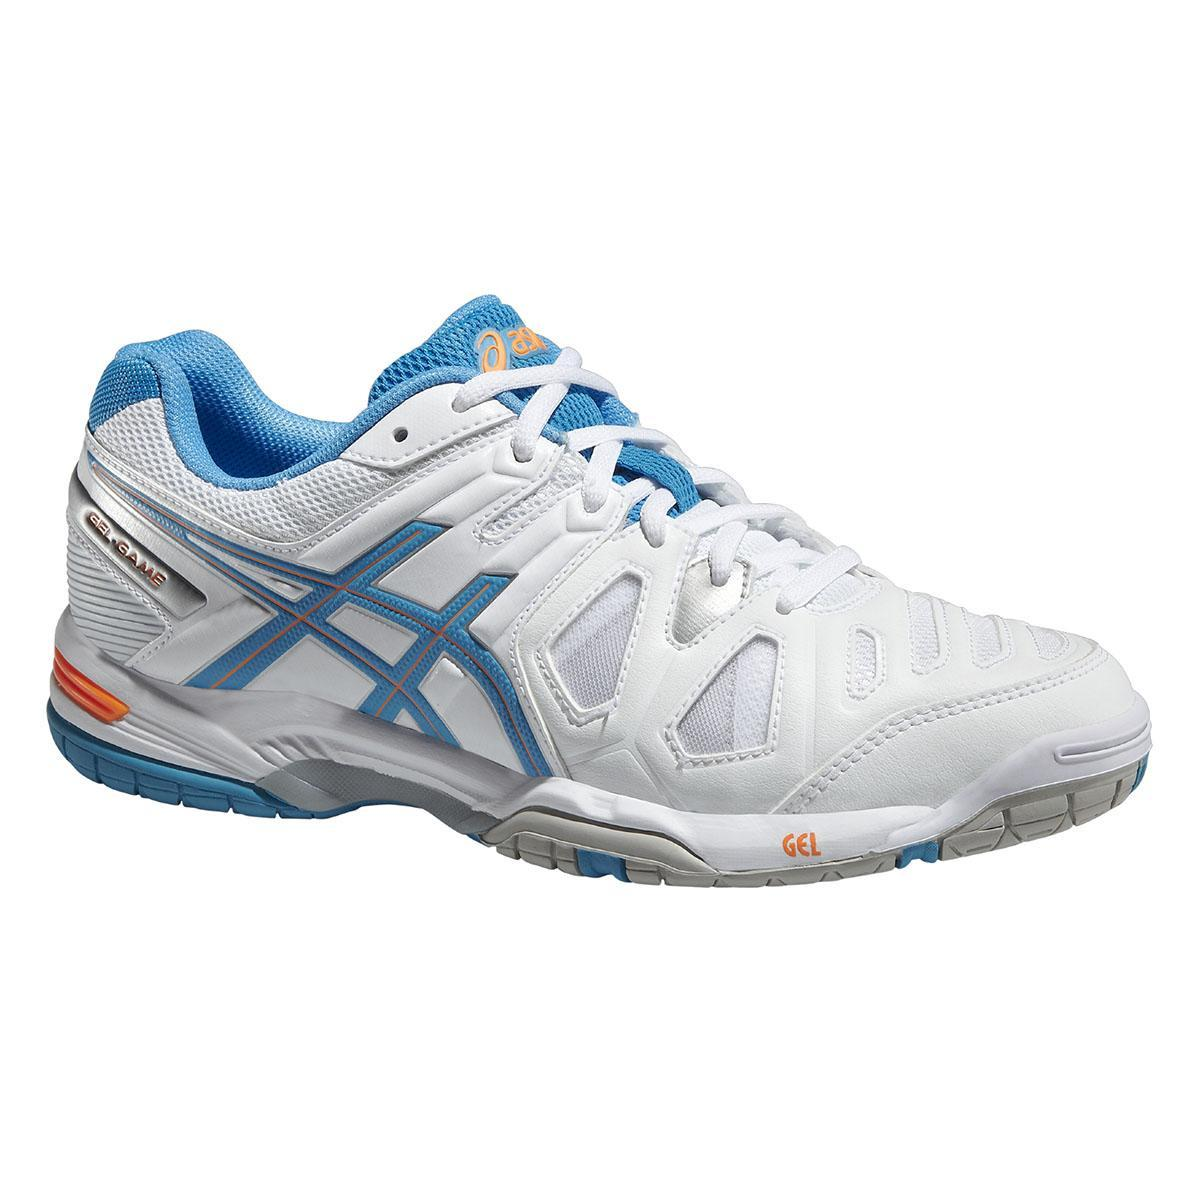 Asics Women's Gel Game 5 Tennis Shoes in WhiteSoft BlueNectarine